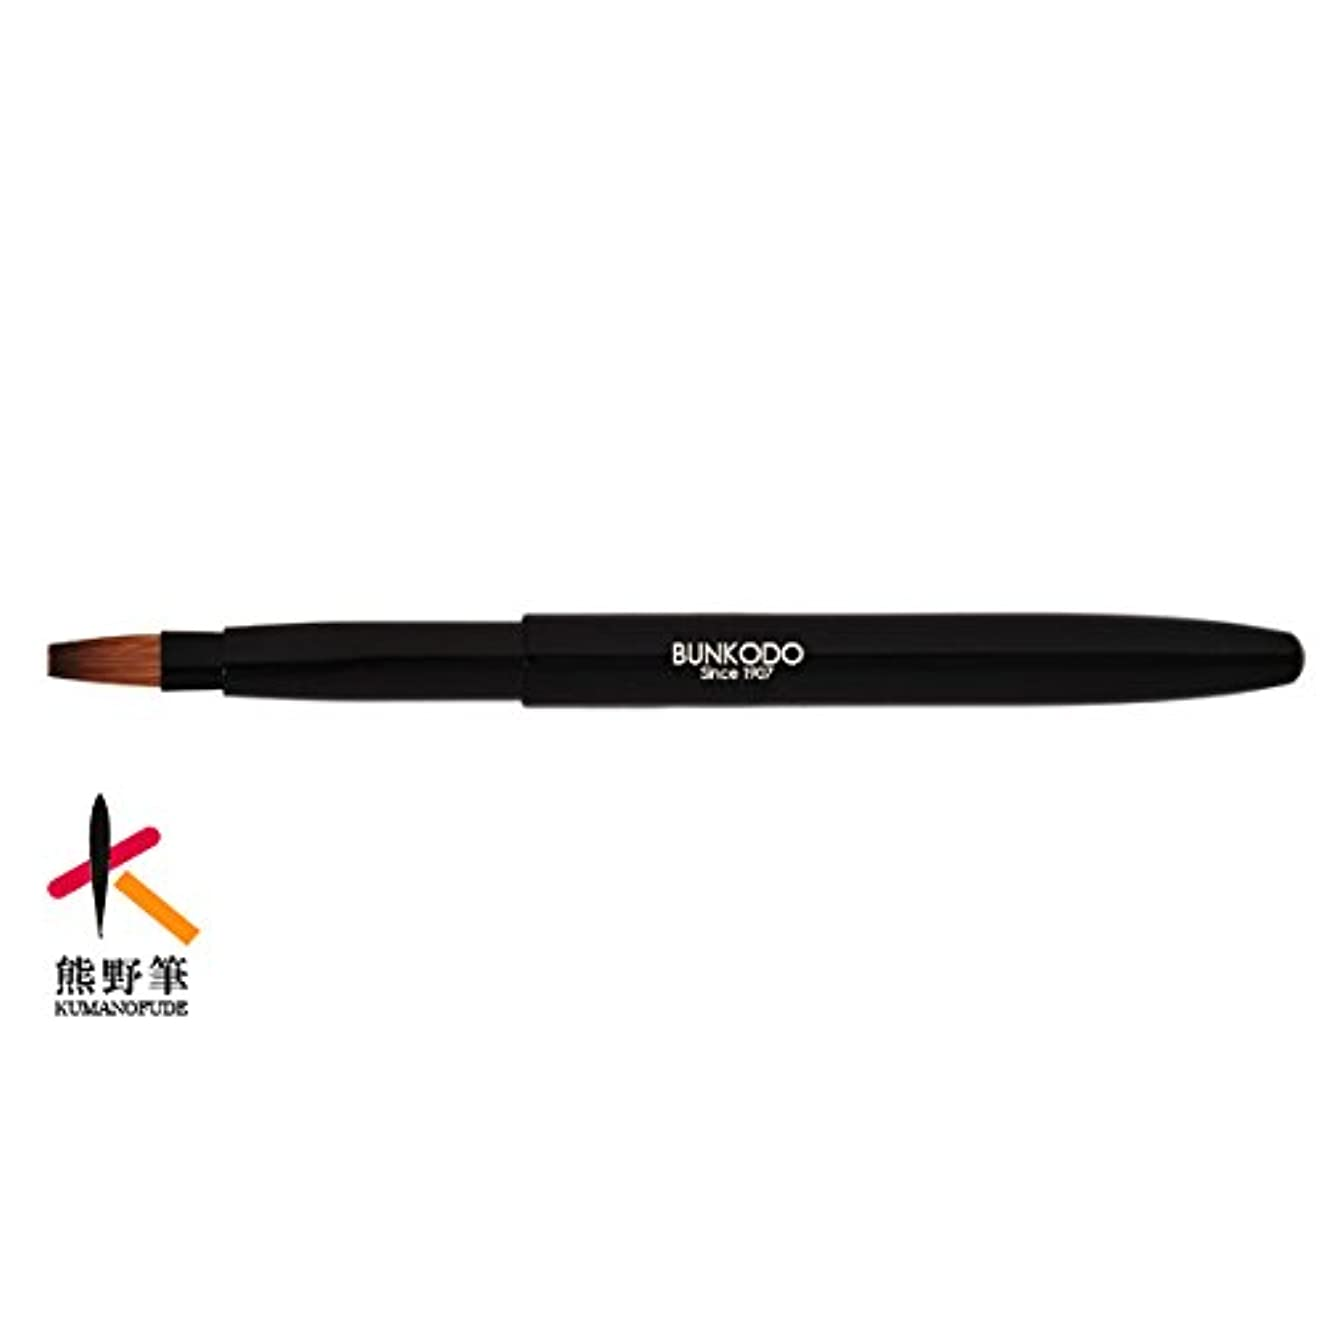 後方に炭水化物推測明治四十年創業 文宏堂 熊野化粧筆 携帯用リップブラシリップ ブラックMB007 最高級コリンスキー毛100% 使用 名入れ可能